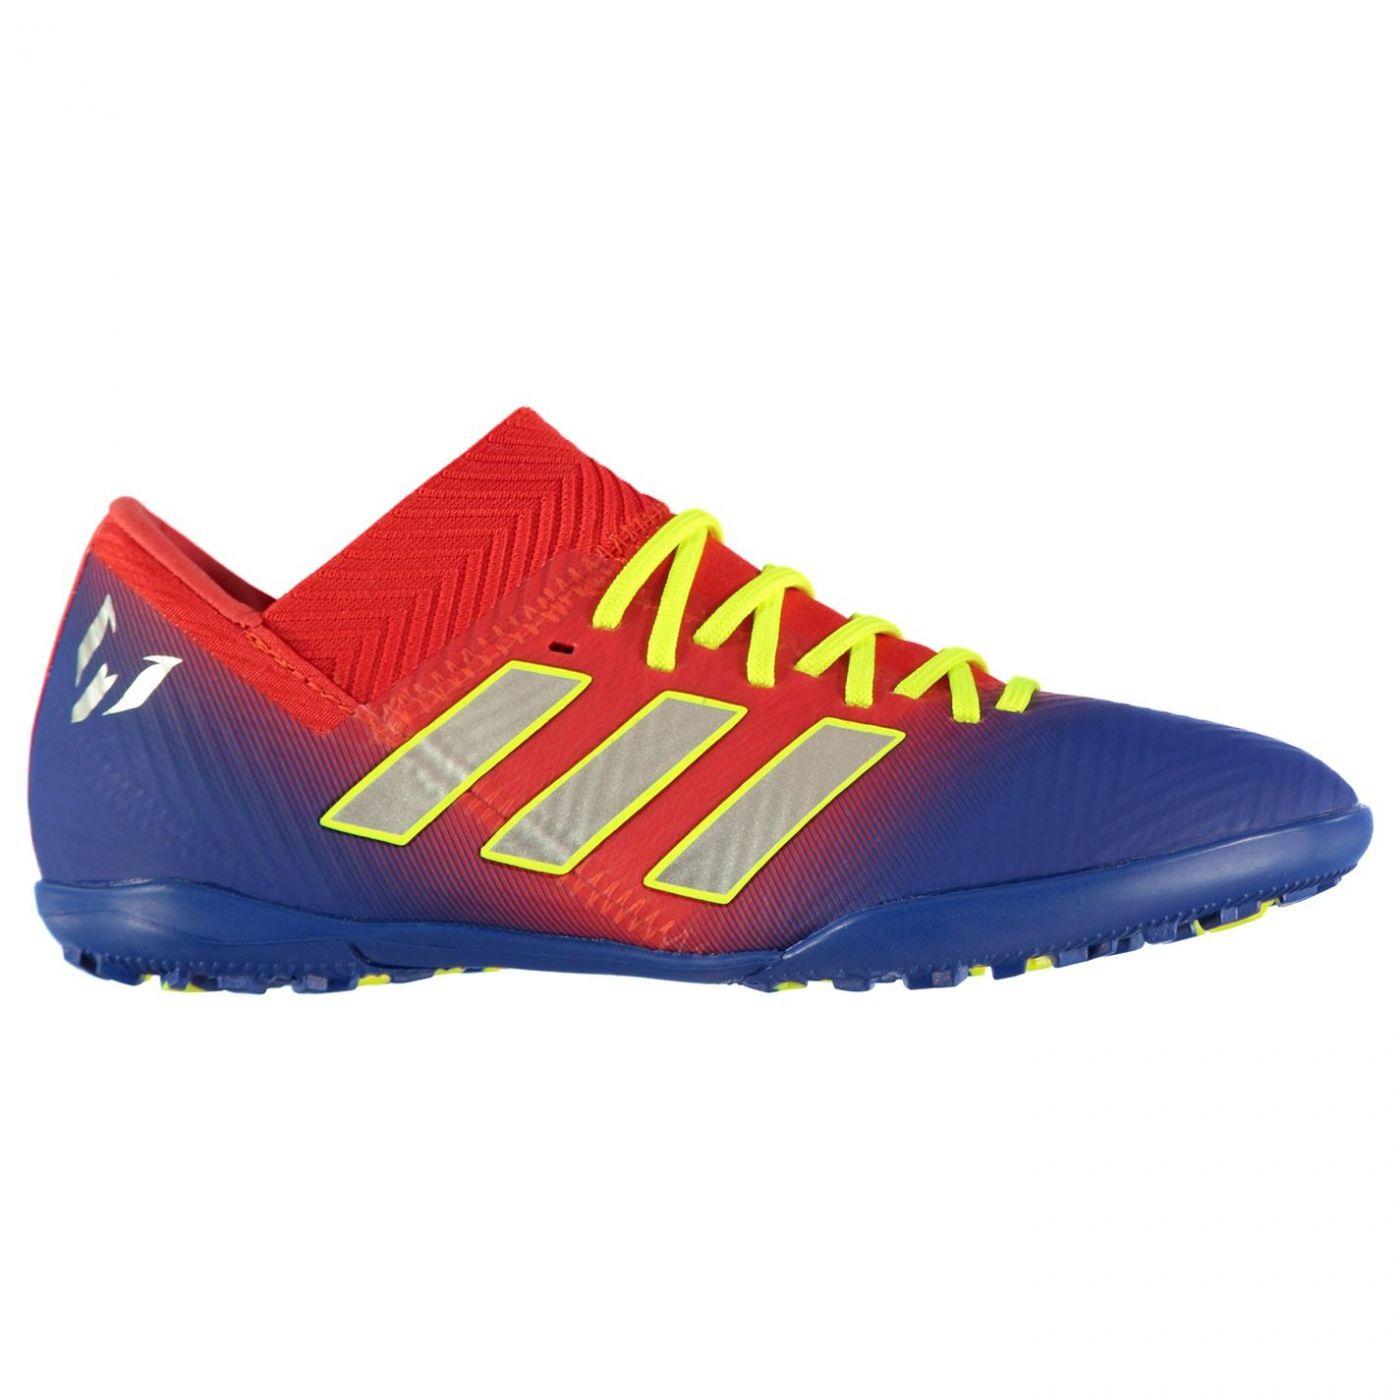 adidas nemeziz 18.3 junior astro turf trainers